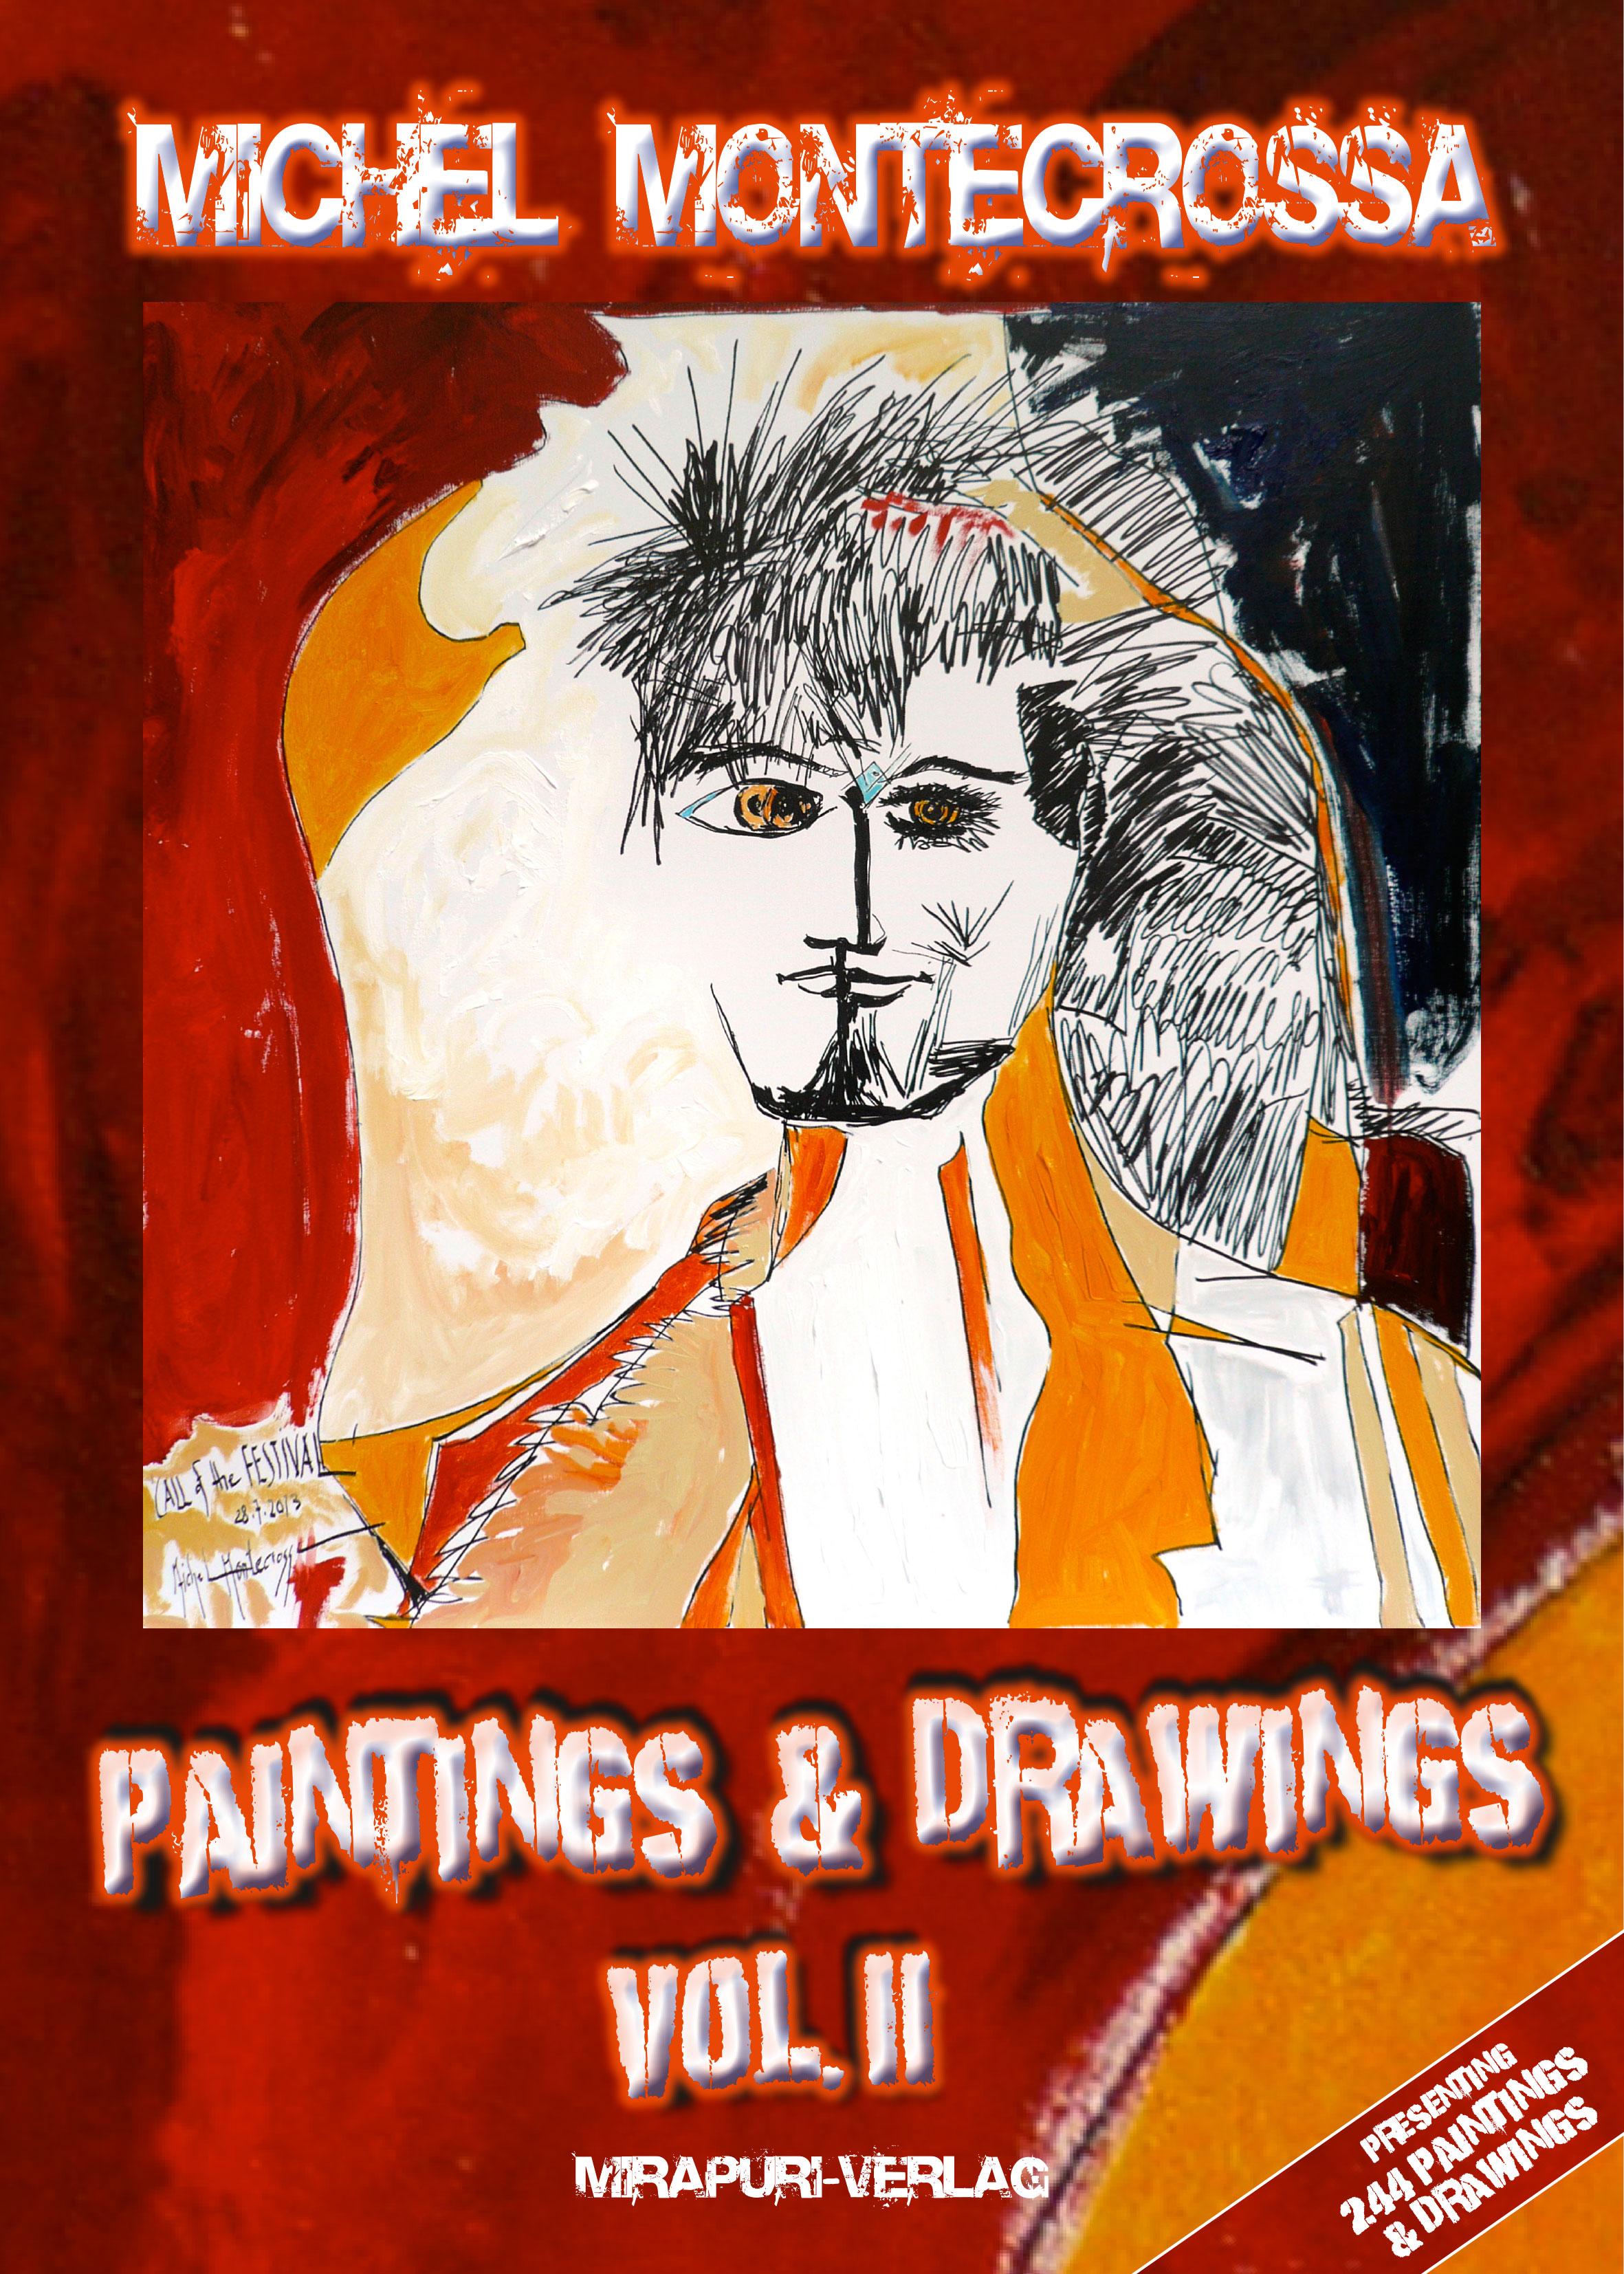 Painting & Drawings, Vol 2